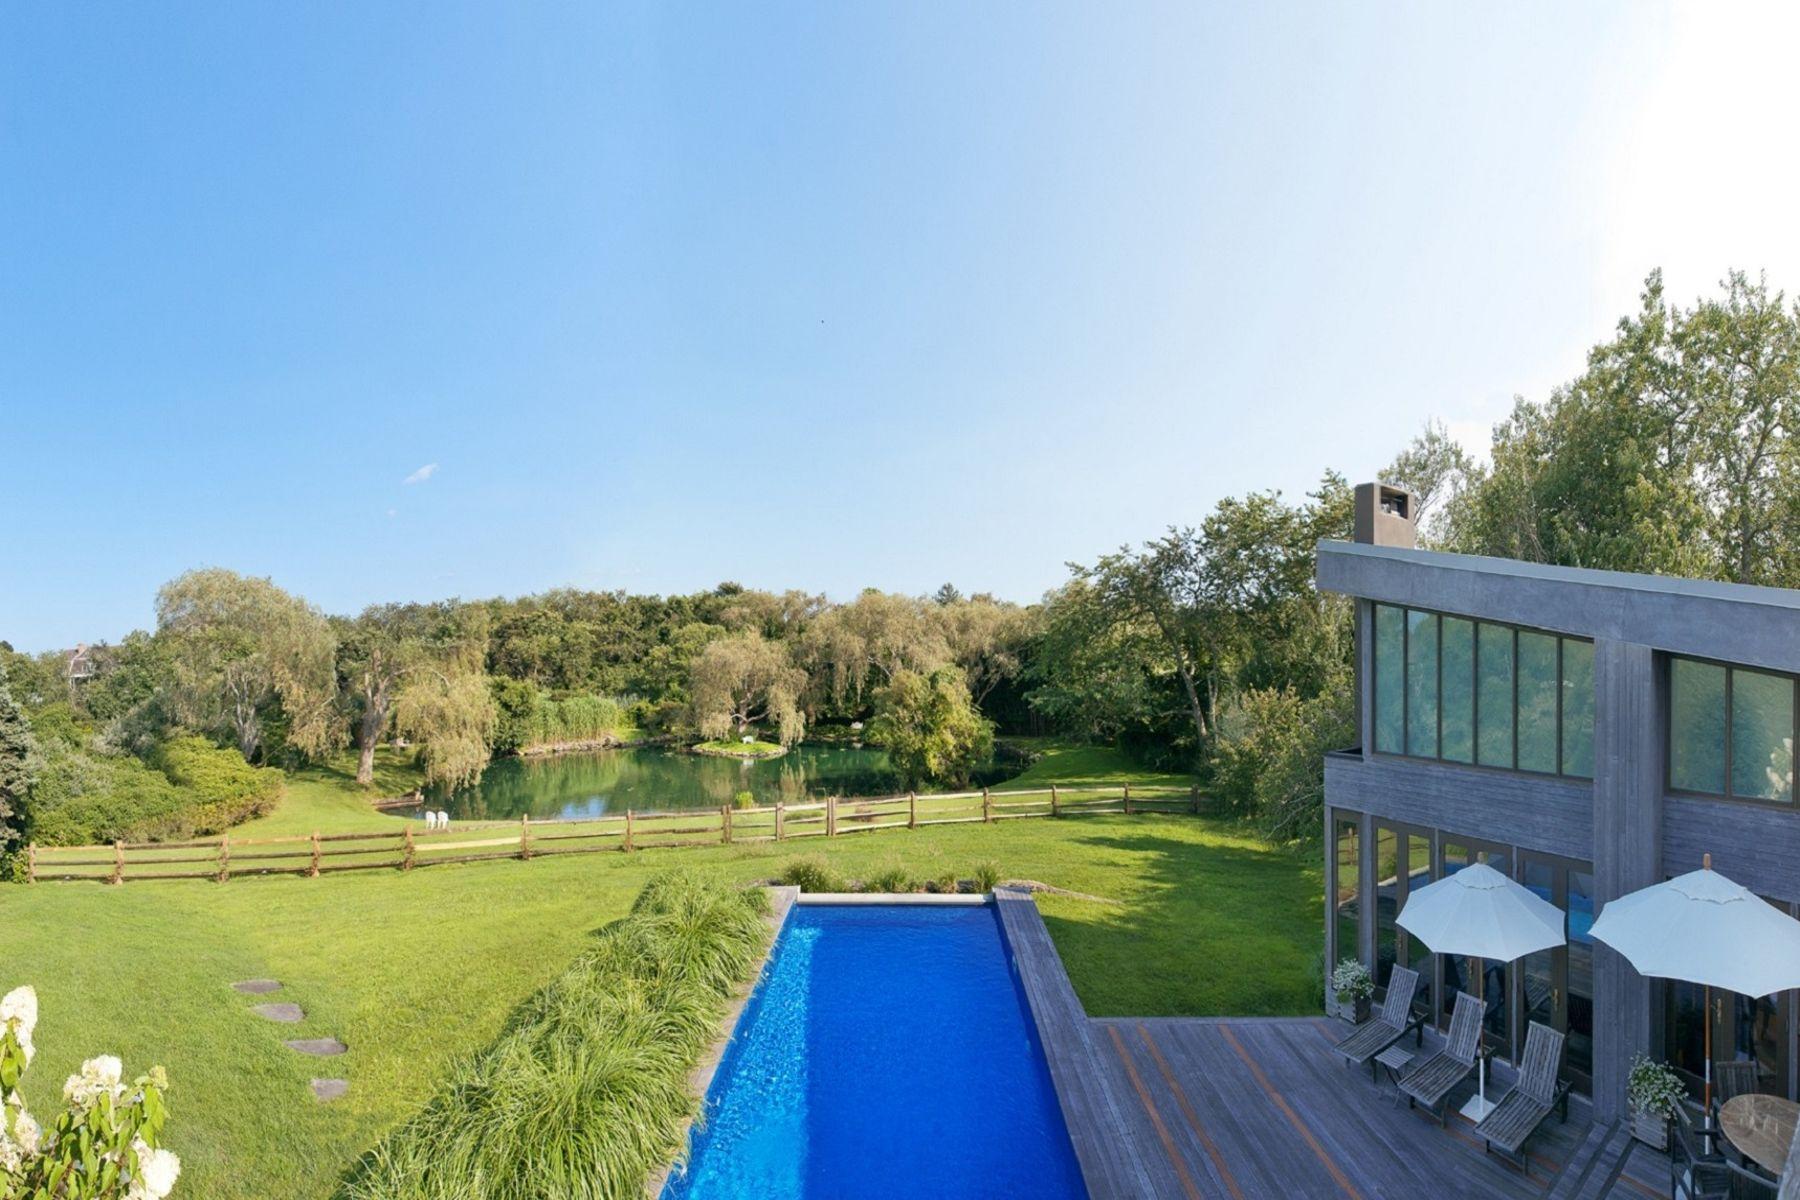 Single Family Homes für Verkauf beim Privacy and Tranquility 41 Wild Goose Lane, Water Mill, New York 11976 Vereinigte Staaten